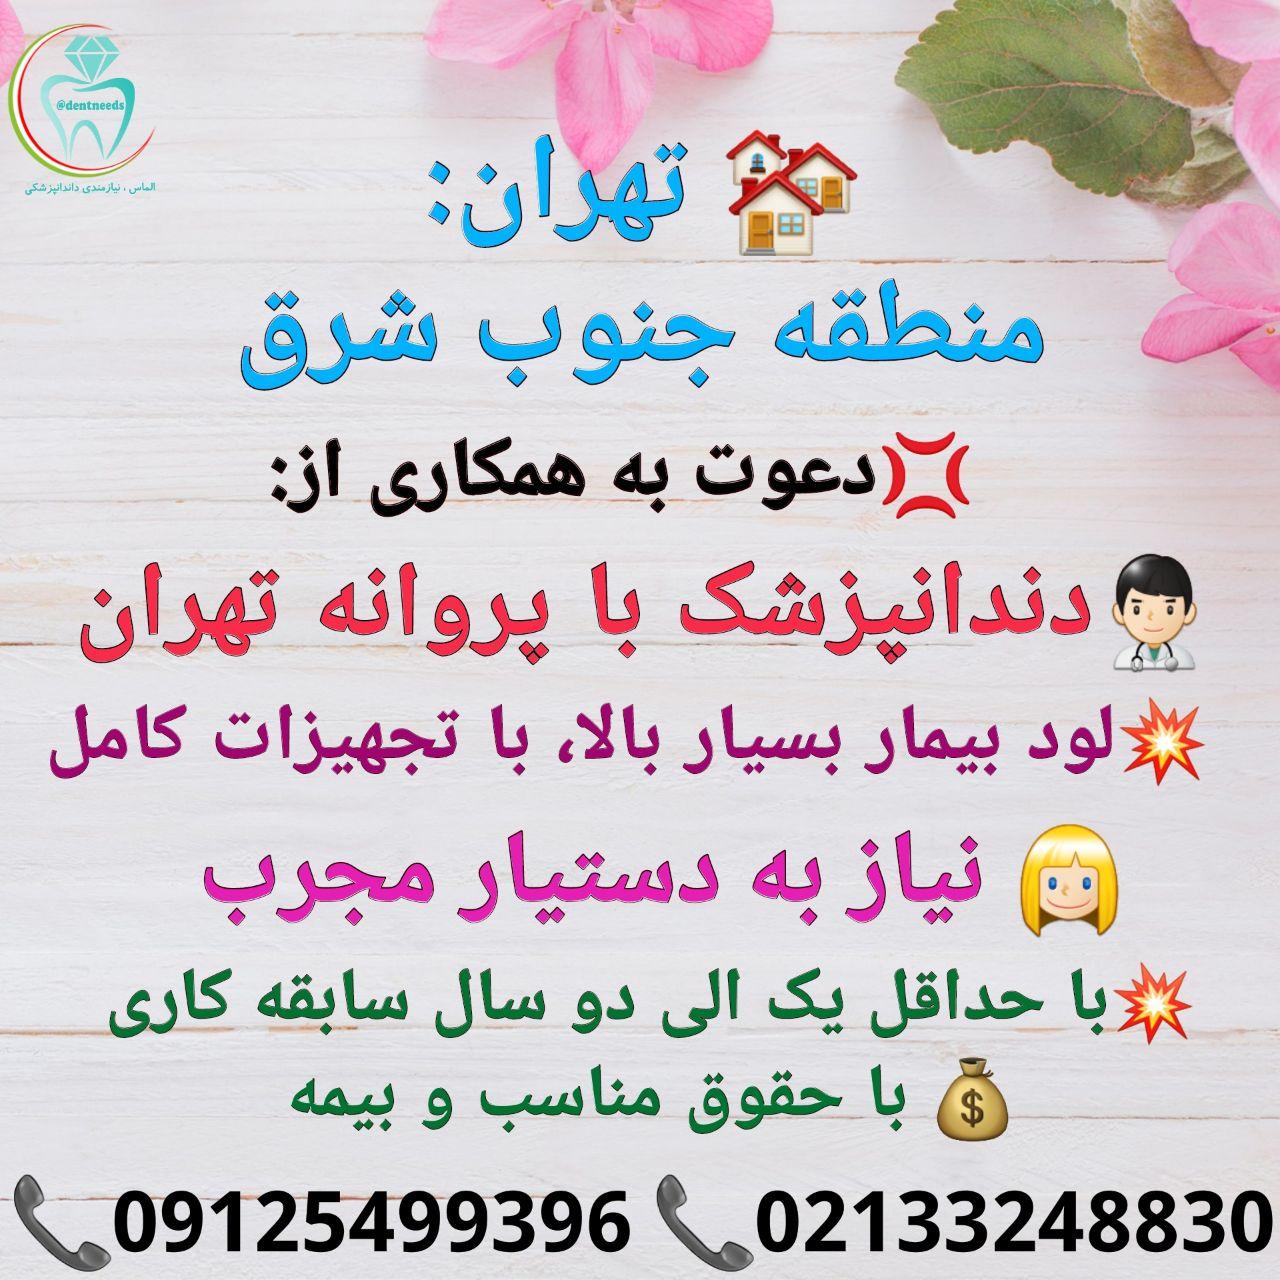 تهران: منطقه جنوب شرق، دعوت به همکاری از دندانپزشک با پروانه تهران و دستیار دندانپزشک